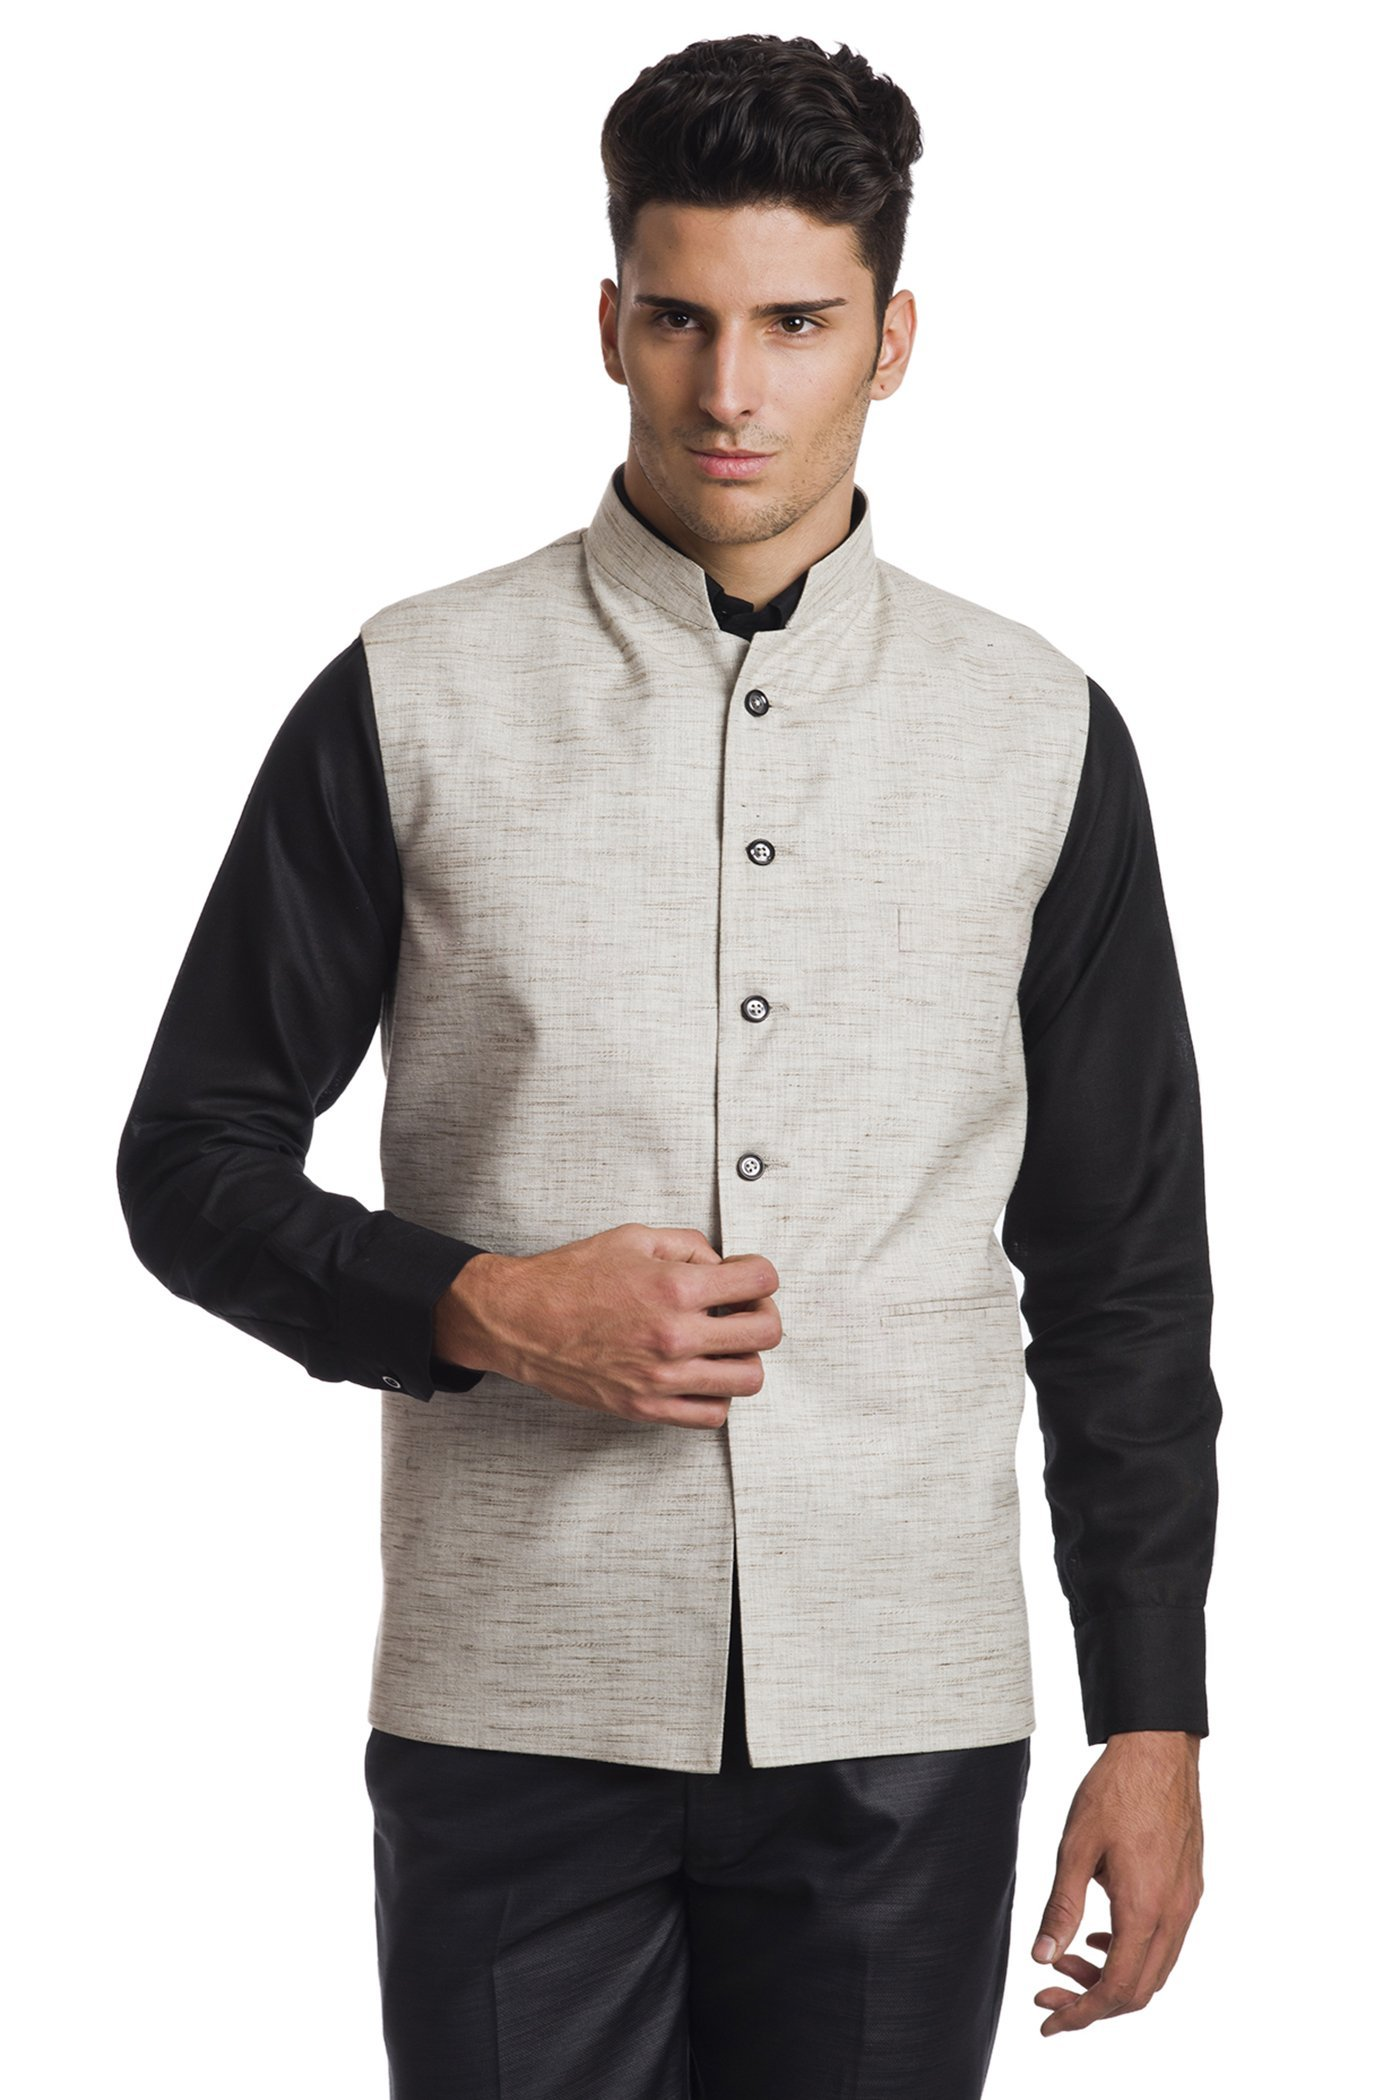 Wintage Men's Linen Blend Bandhgala Festive Beige Nehru Jacket Waistcoat,Beige,42 US / Large